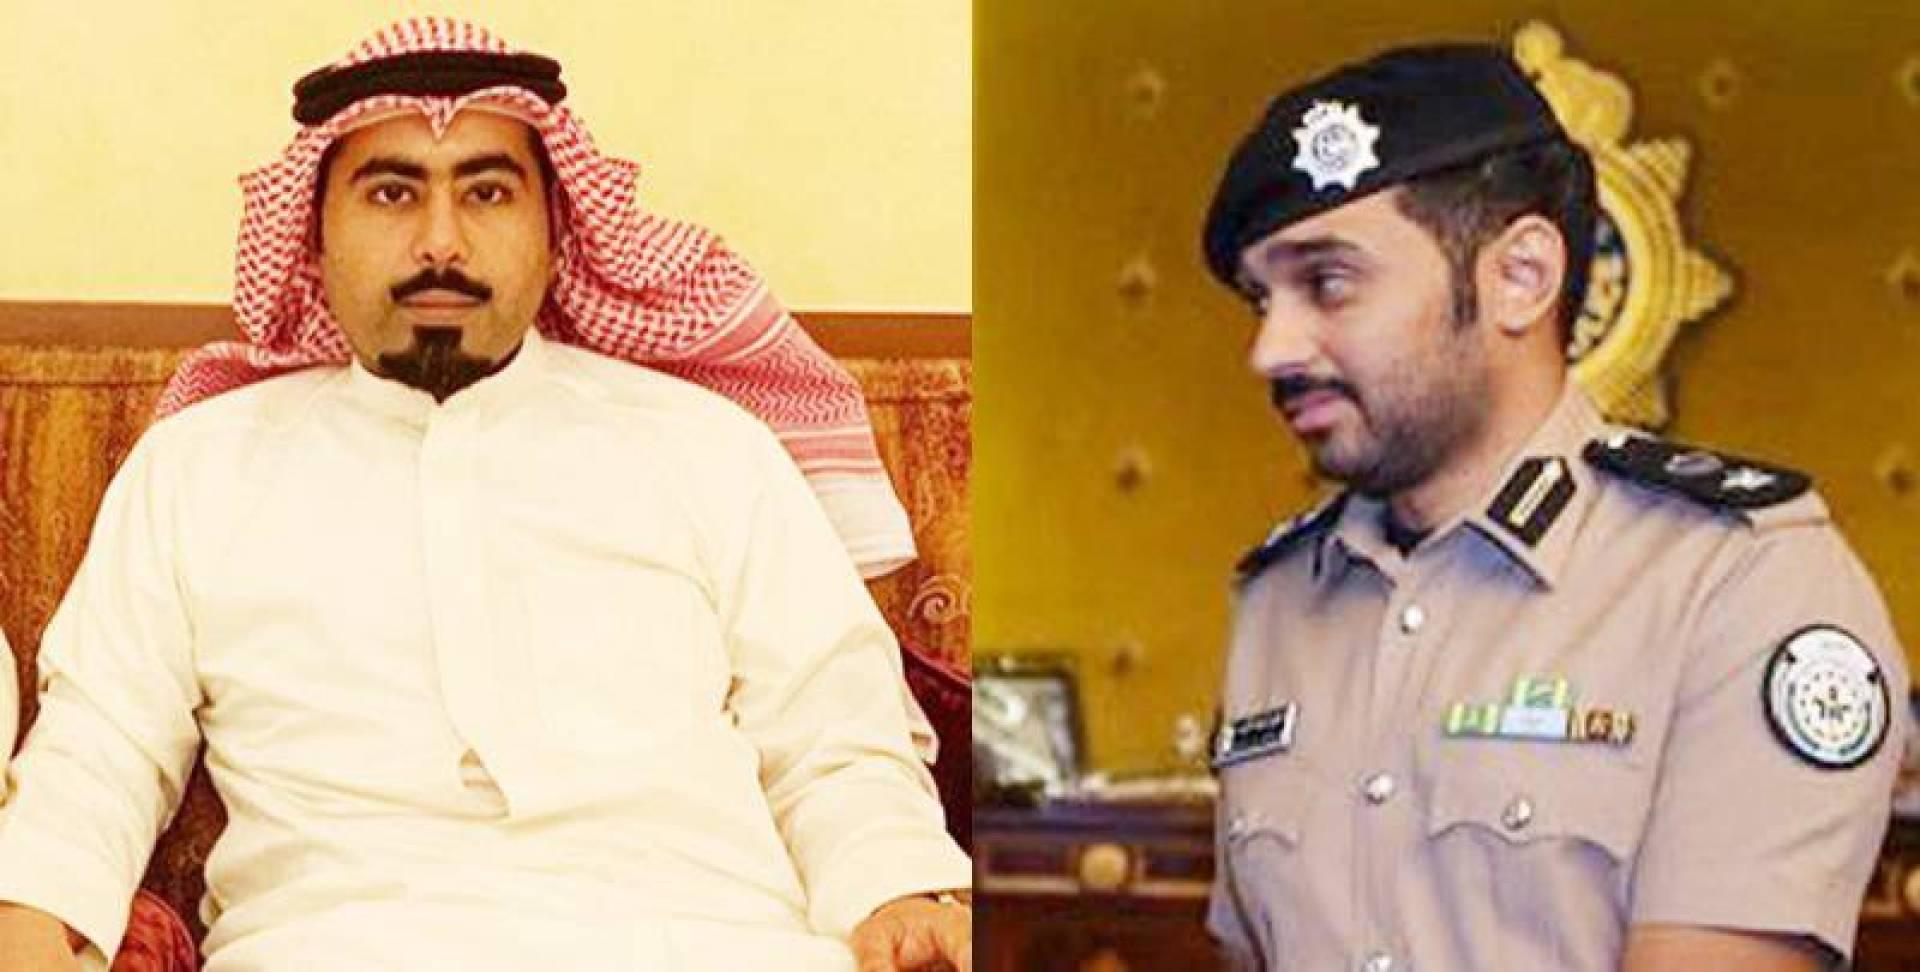 صالح الراشد - عبدالله السالم